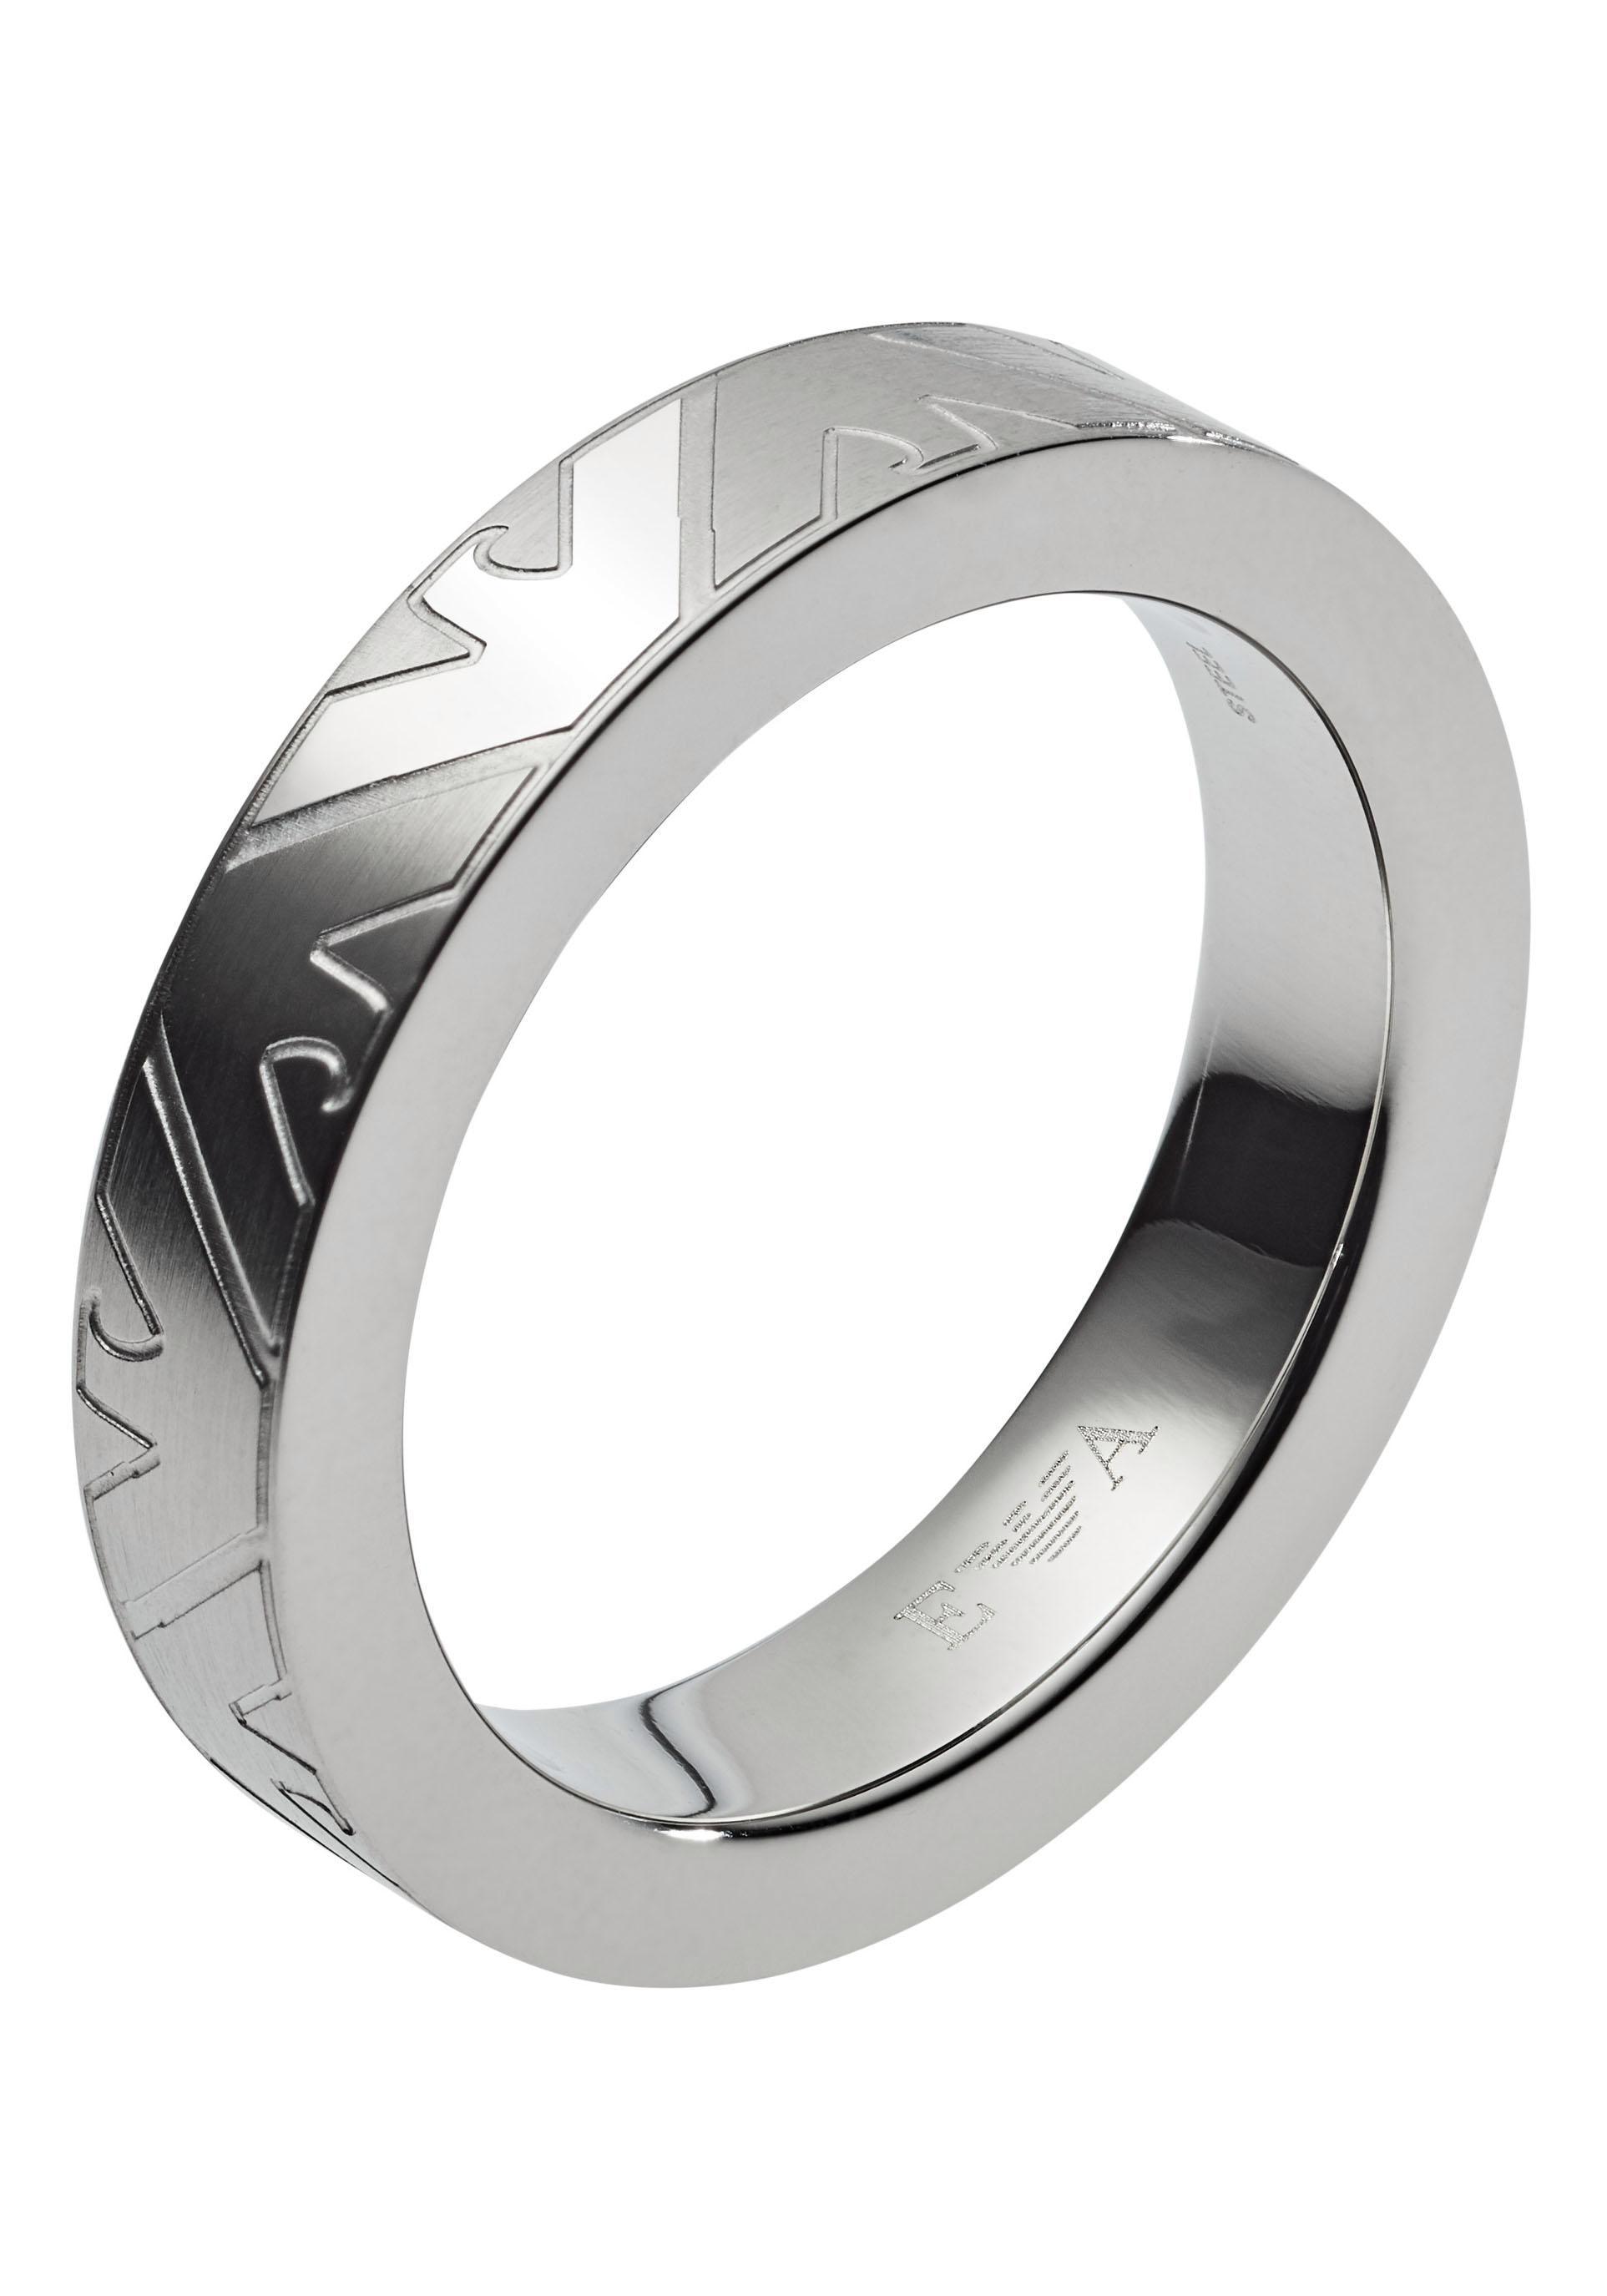 Emporio Armani Fingerring EGS2601040 | Schmuck > Ringe > Fingerringe | Emporio Armani